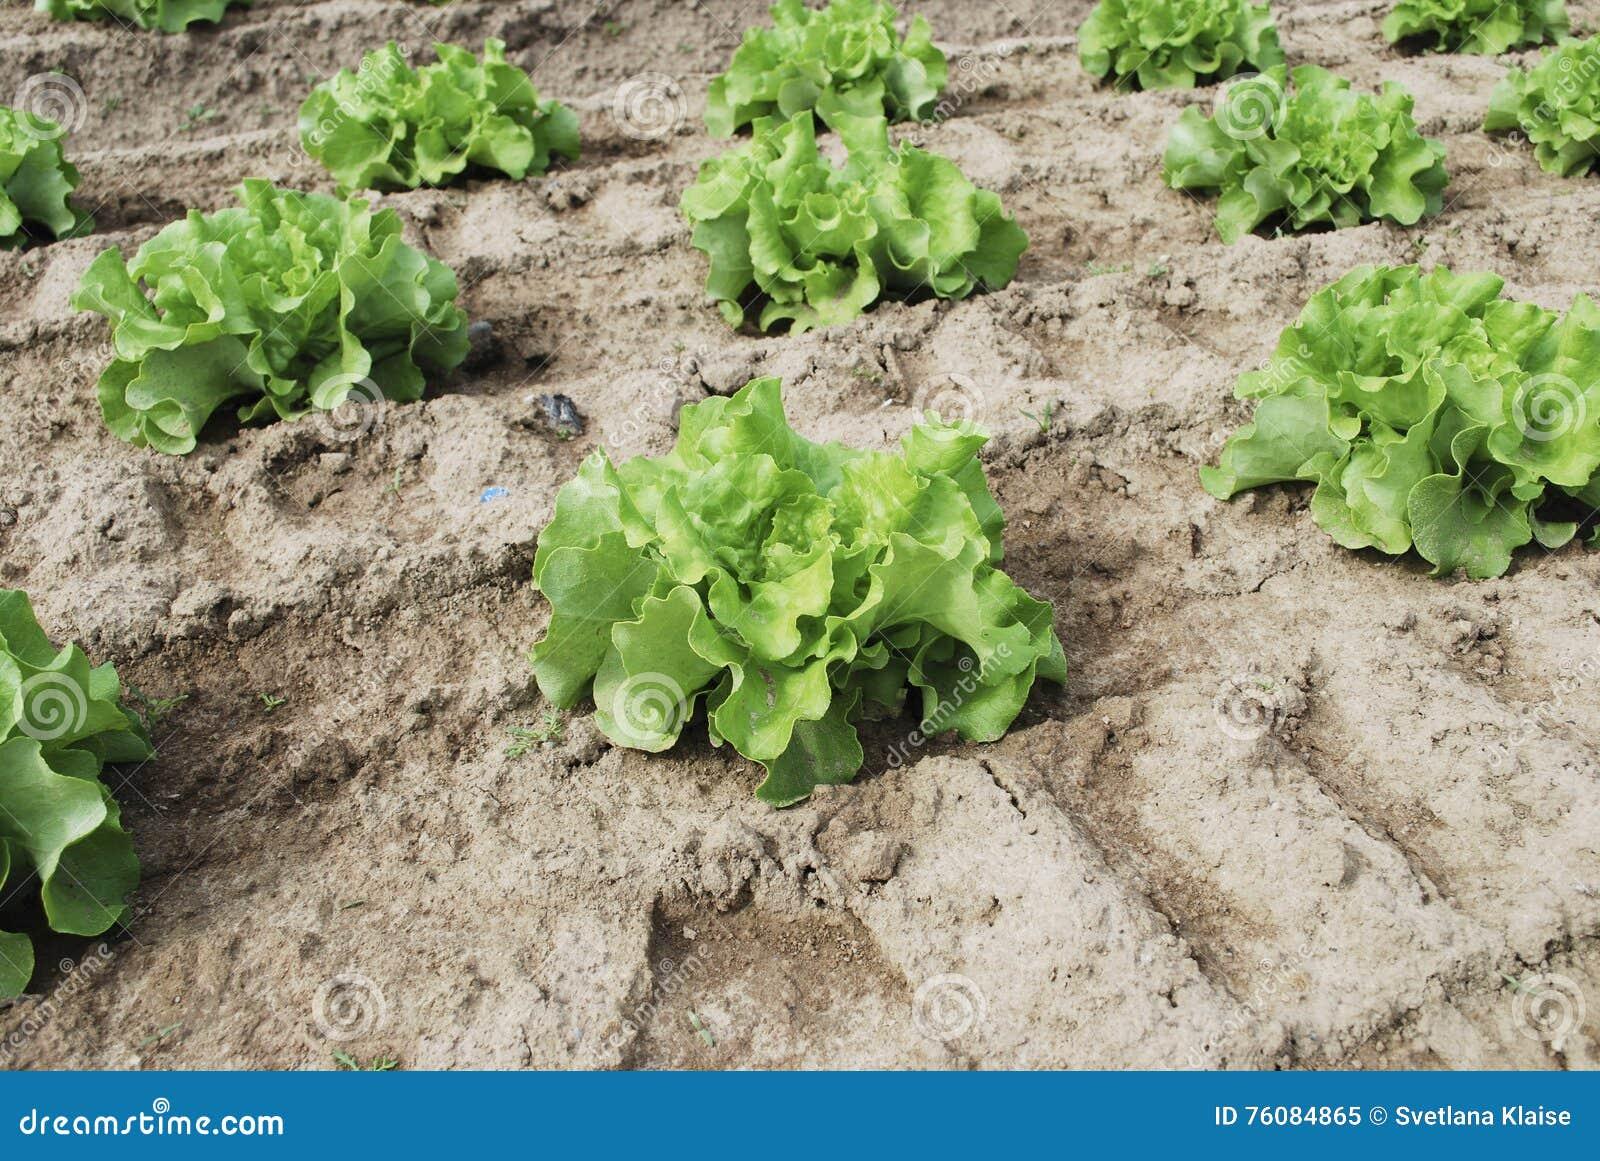 La salade verte se développe dans le domaine